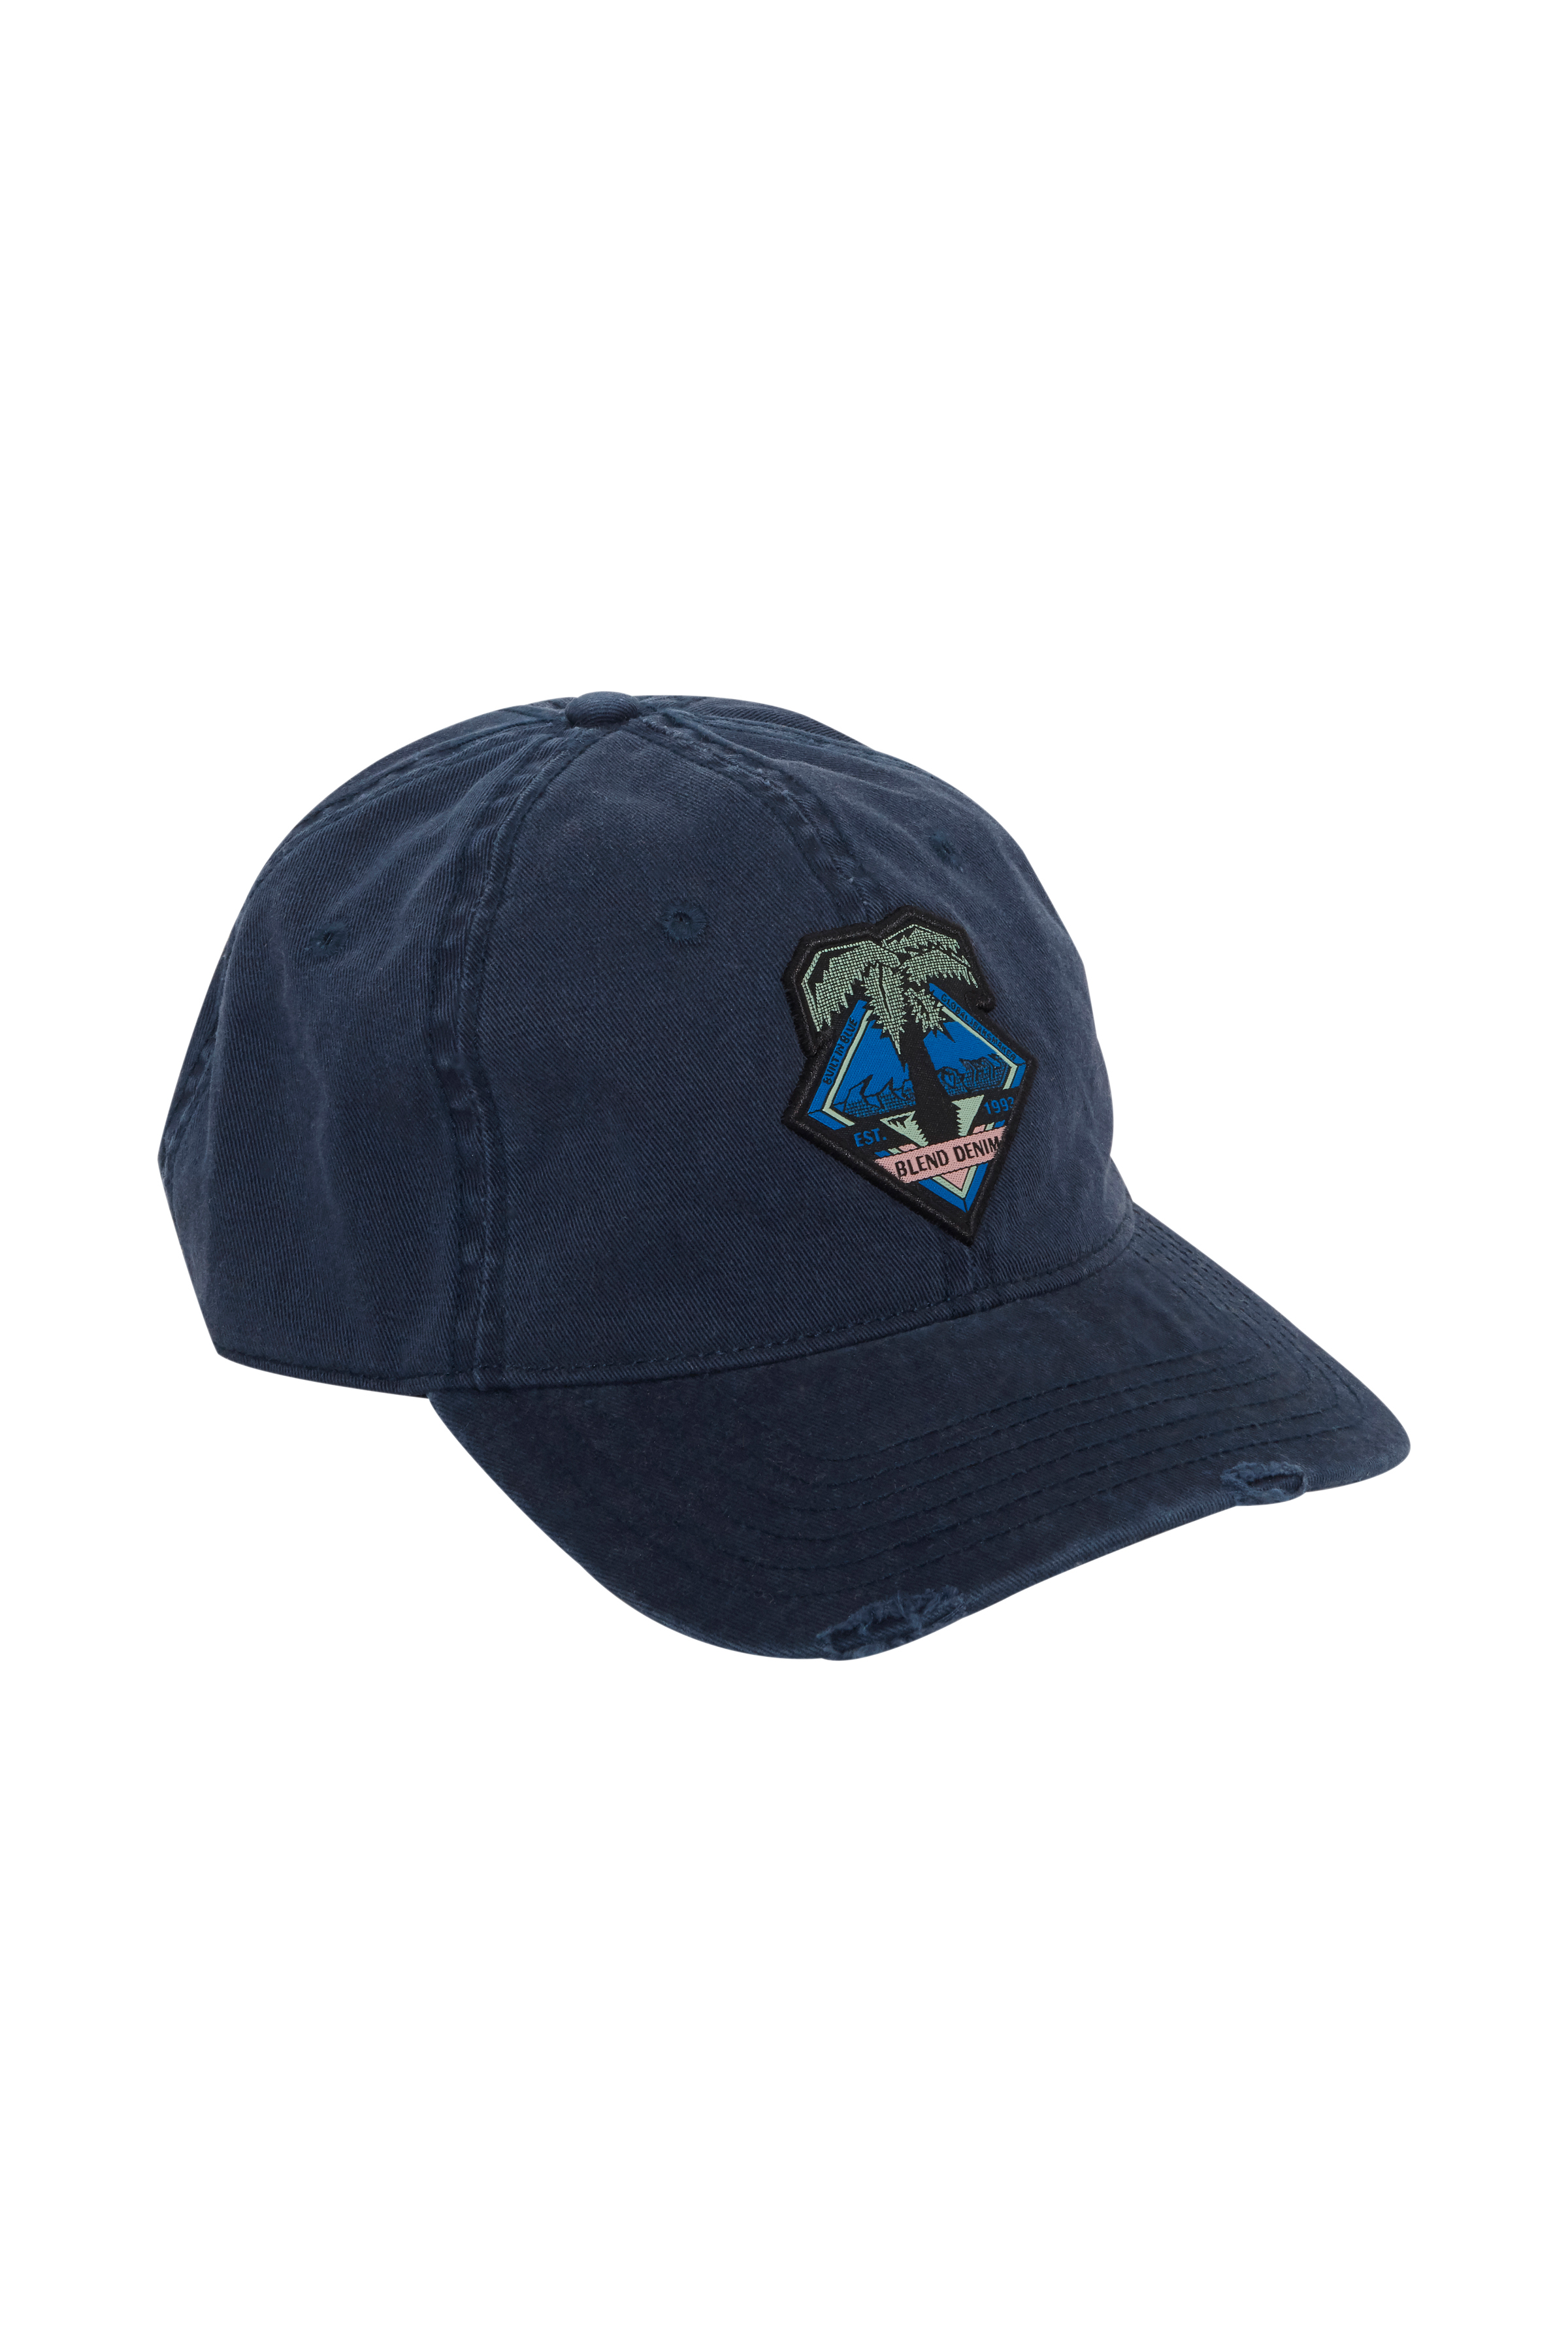 Dark Navy Blue